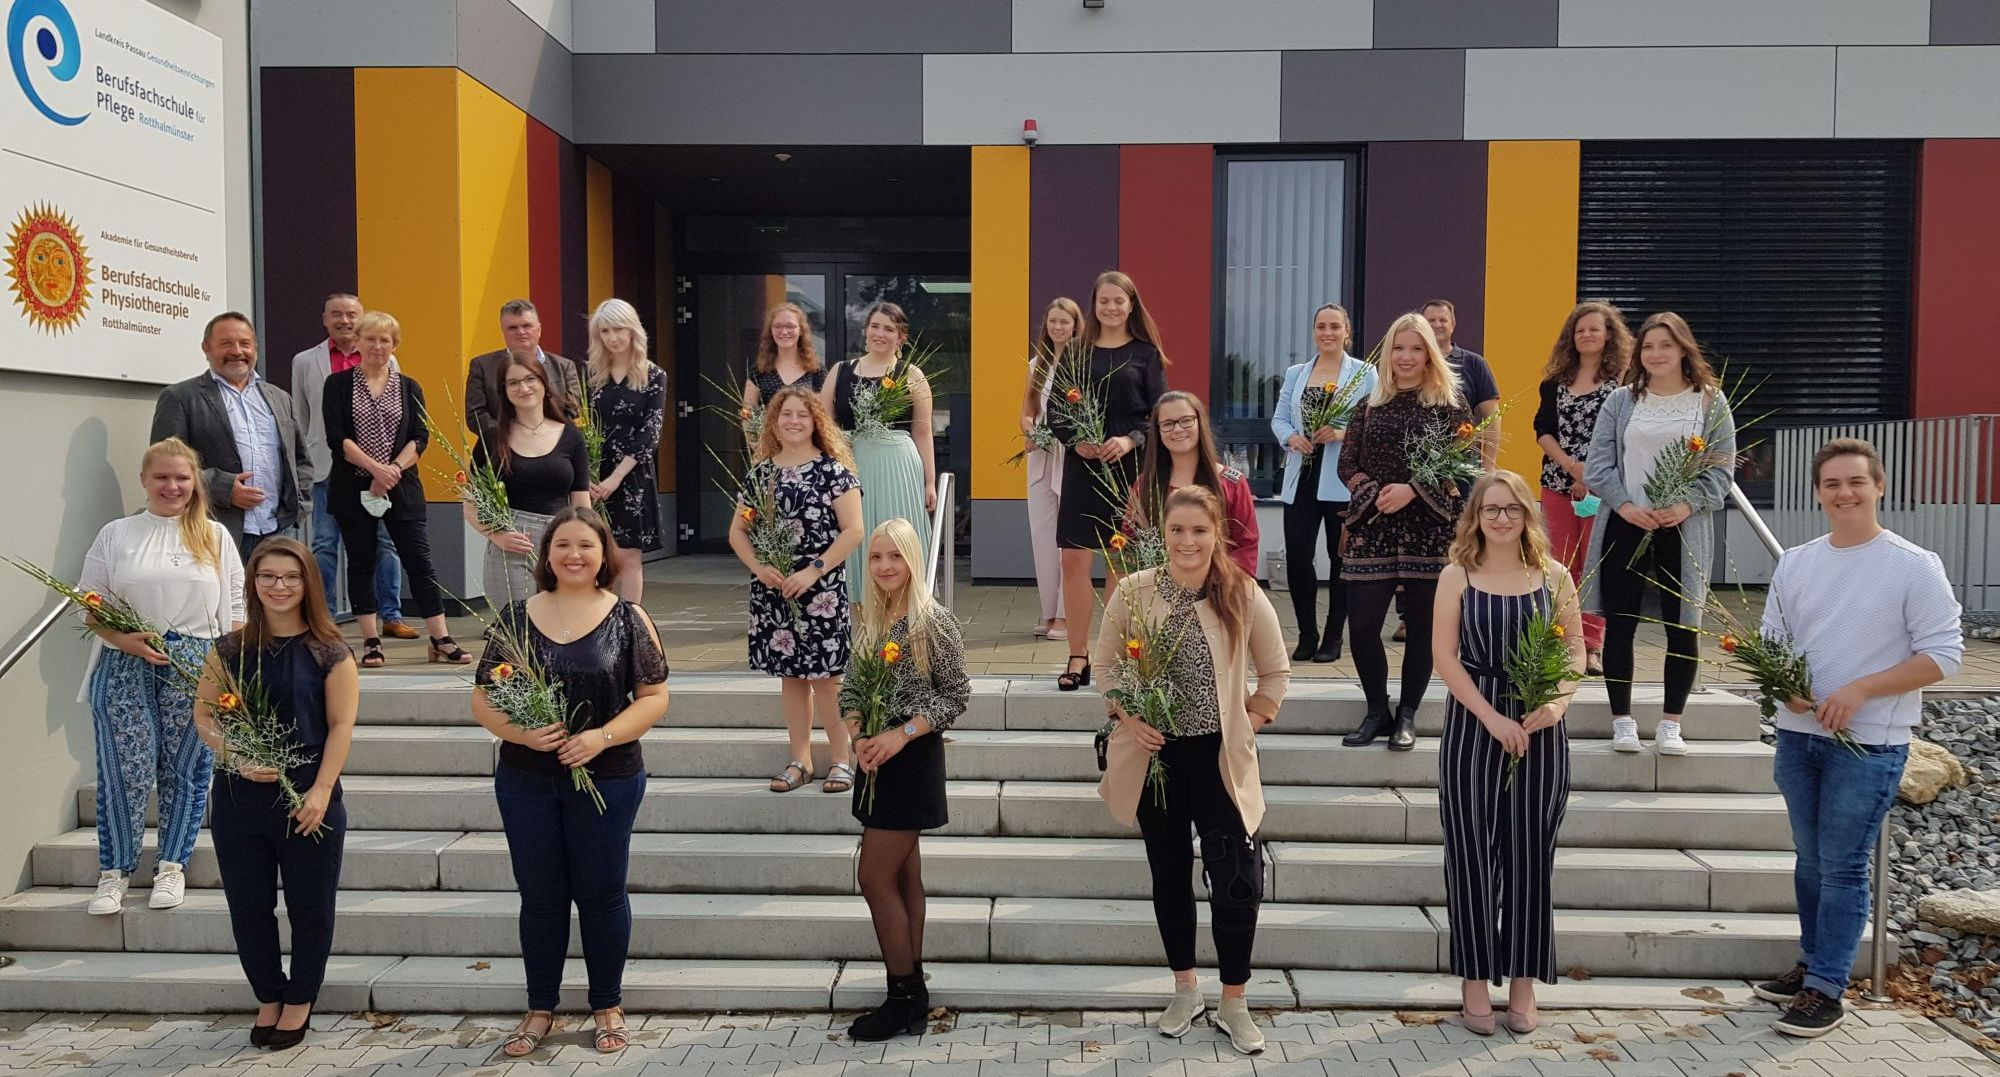 Die 18 frisch gebackenen Absolventen der Berufsfachschule für Pflege Rotthalmünster.